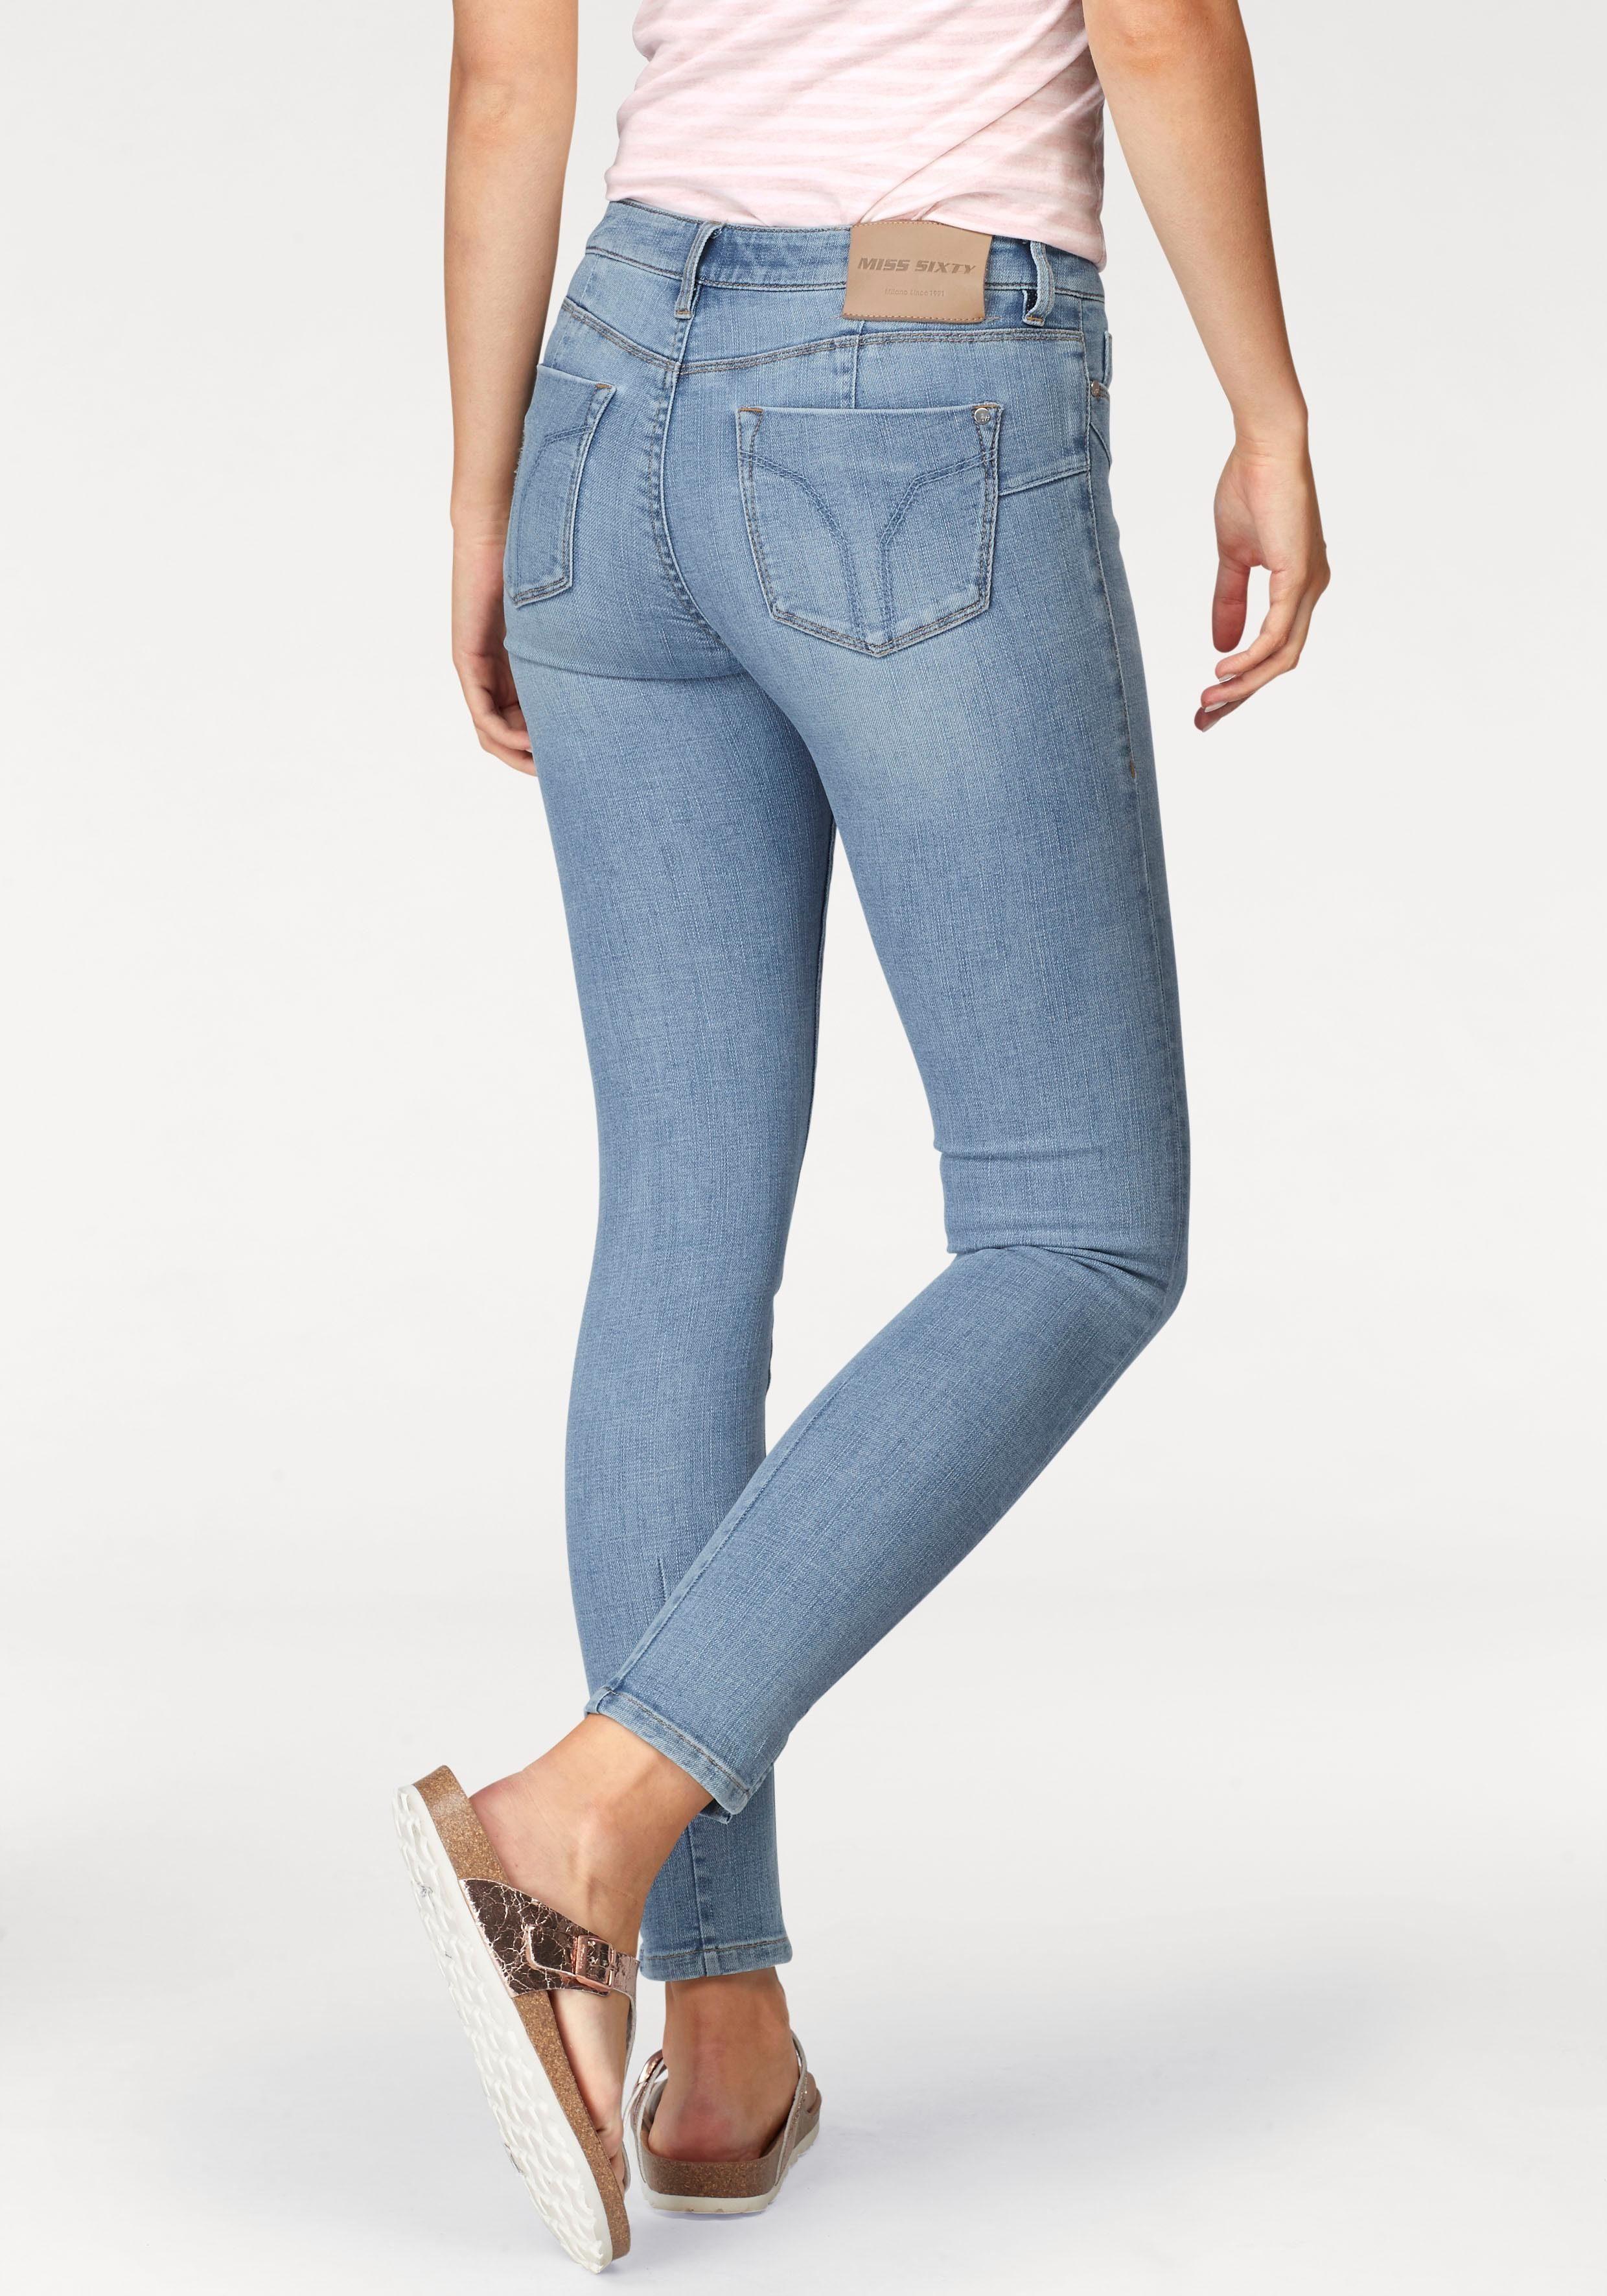 MISS SIXTY SkinnyfitJeans BETTIE mit trendy Schlitz online kaufen  OTTO